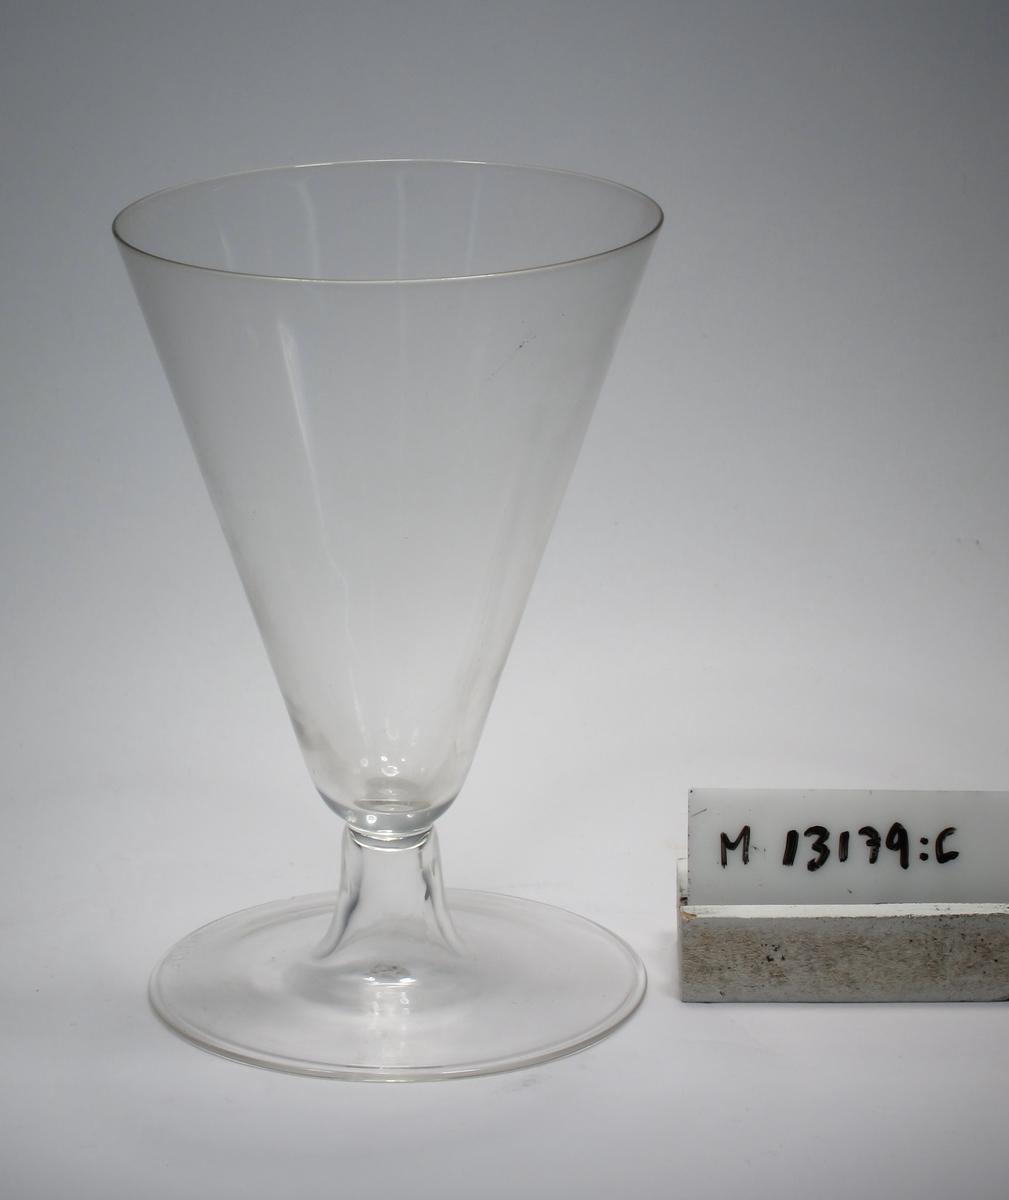 """Ölglas. Omvänt konformad kupa, kort ben. Den välvda foten går  direkt upp i det ihåliga benet. Ofärgat klarglas. Ovan angivna mått avser övre diameter. Fotdiameter: 87,5 mm. Bananformad, mörkblå etikett med text. Se """"Signering, märkning"""" ovan. Inskrivet i huvudkatalogen 1942. Funktion: Ölglas"""